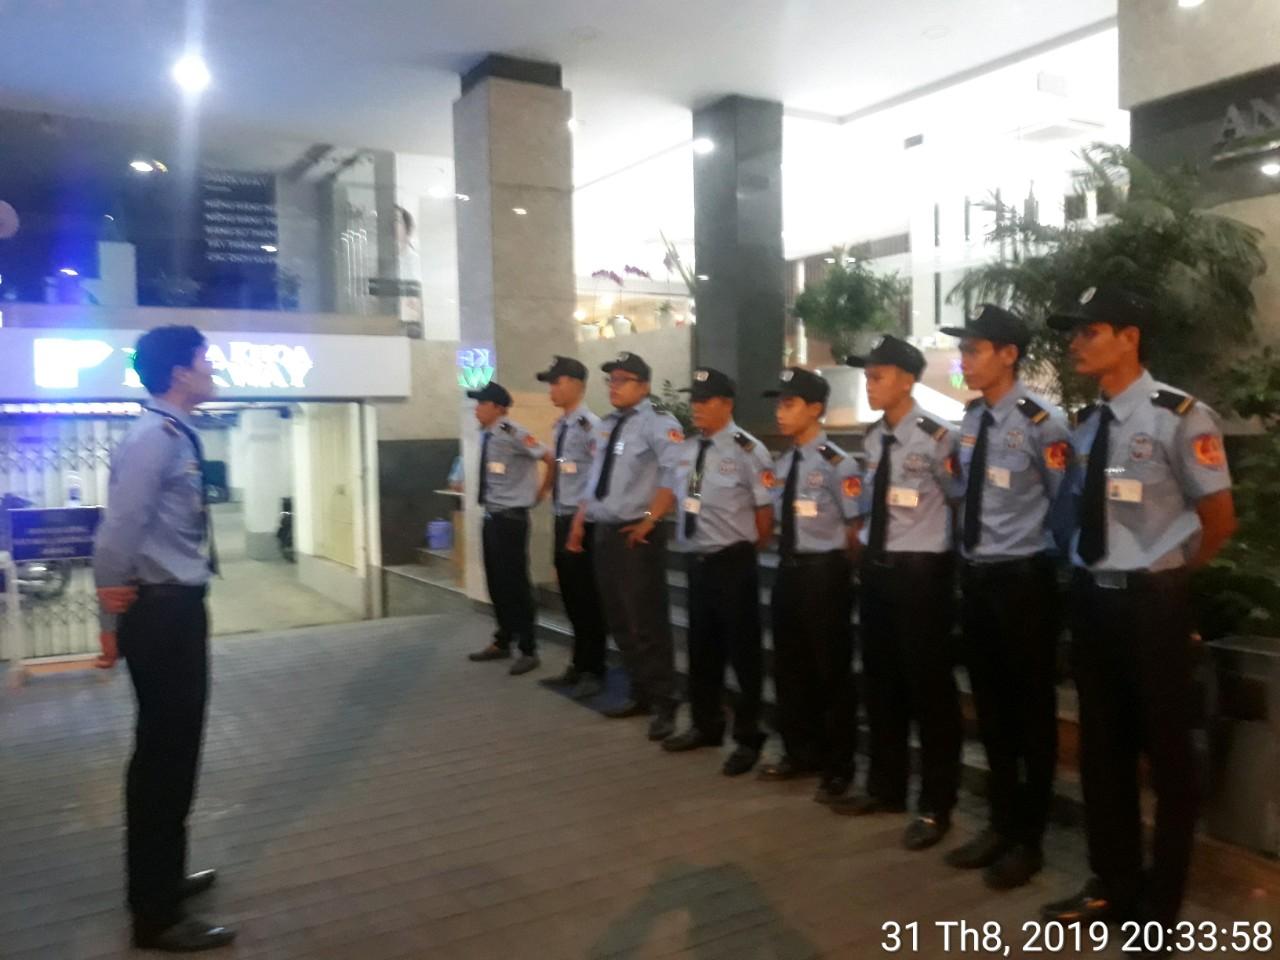 Dịch vụ bảo vệ chuyên nghiệp Cao Bằng